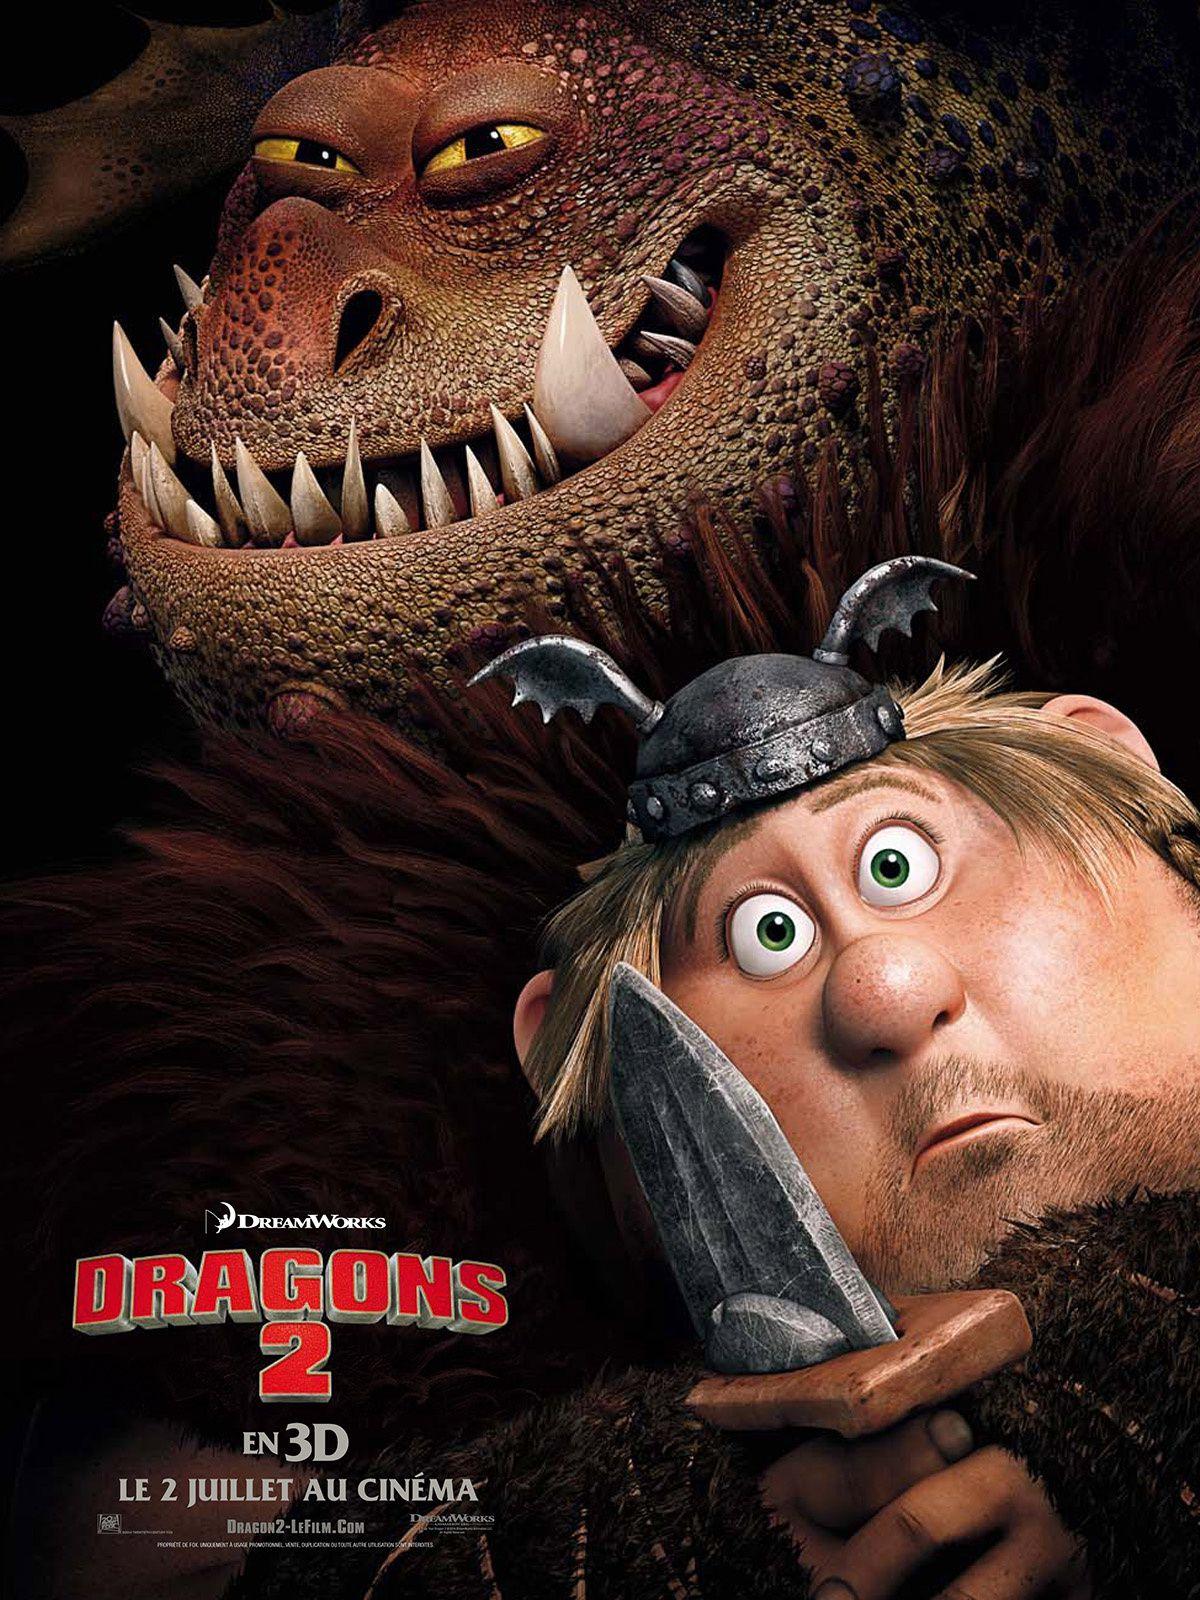 [critique] Dragons 2 : fantasy pure & maturité